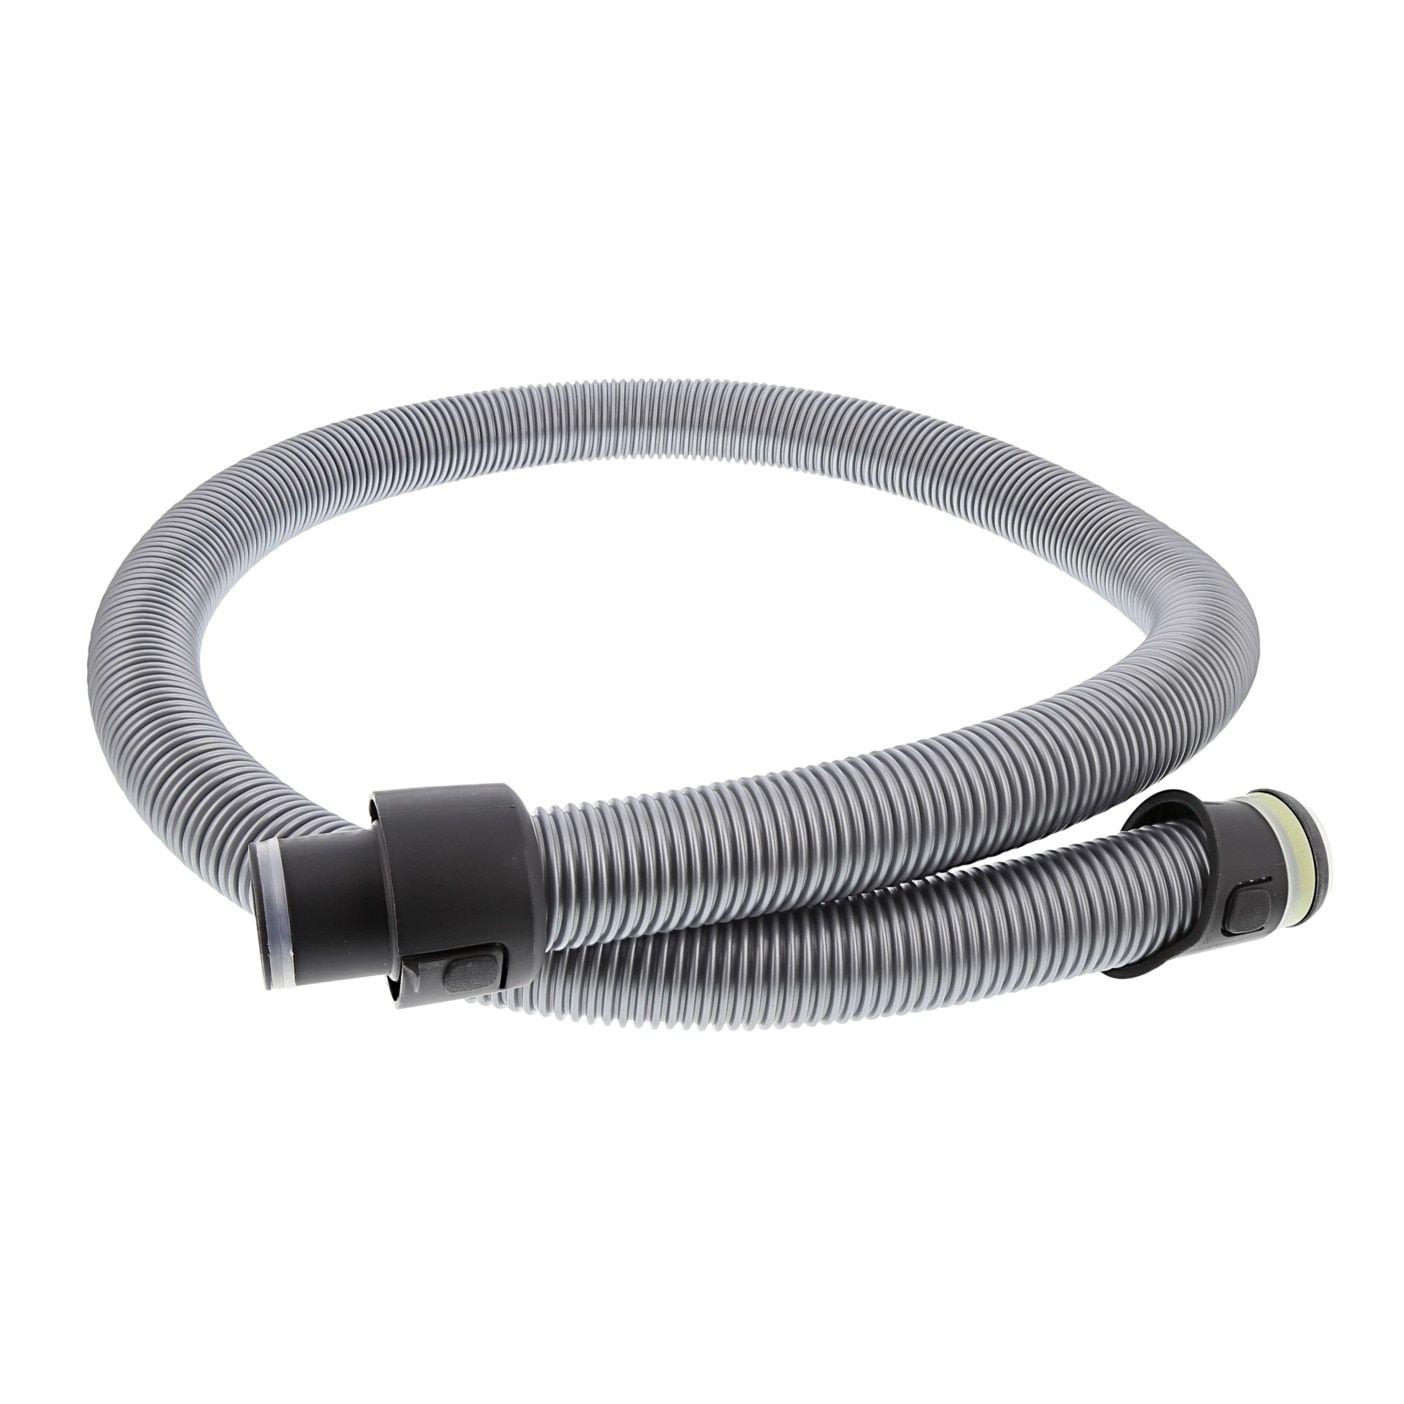 Pružná hadice vysavačů AEG Electrolux - 140019432016 AEG / Electrolux / Zanussi